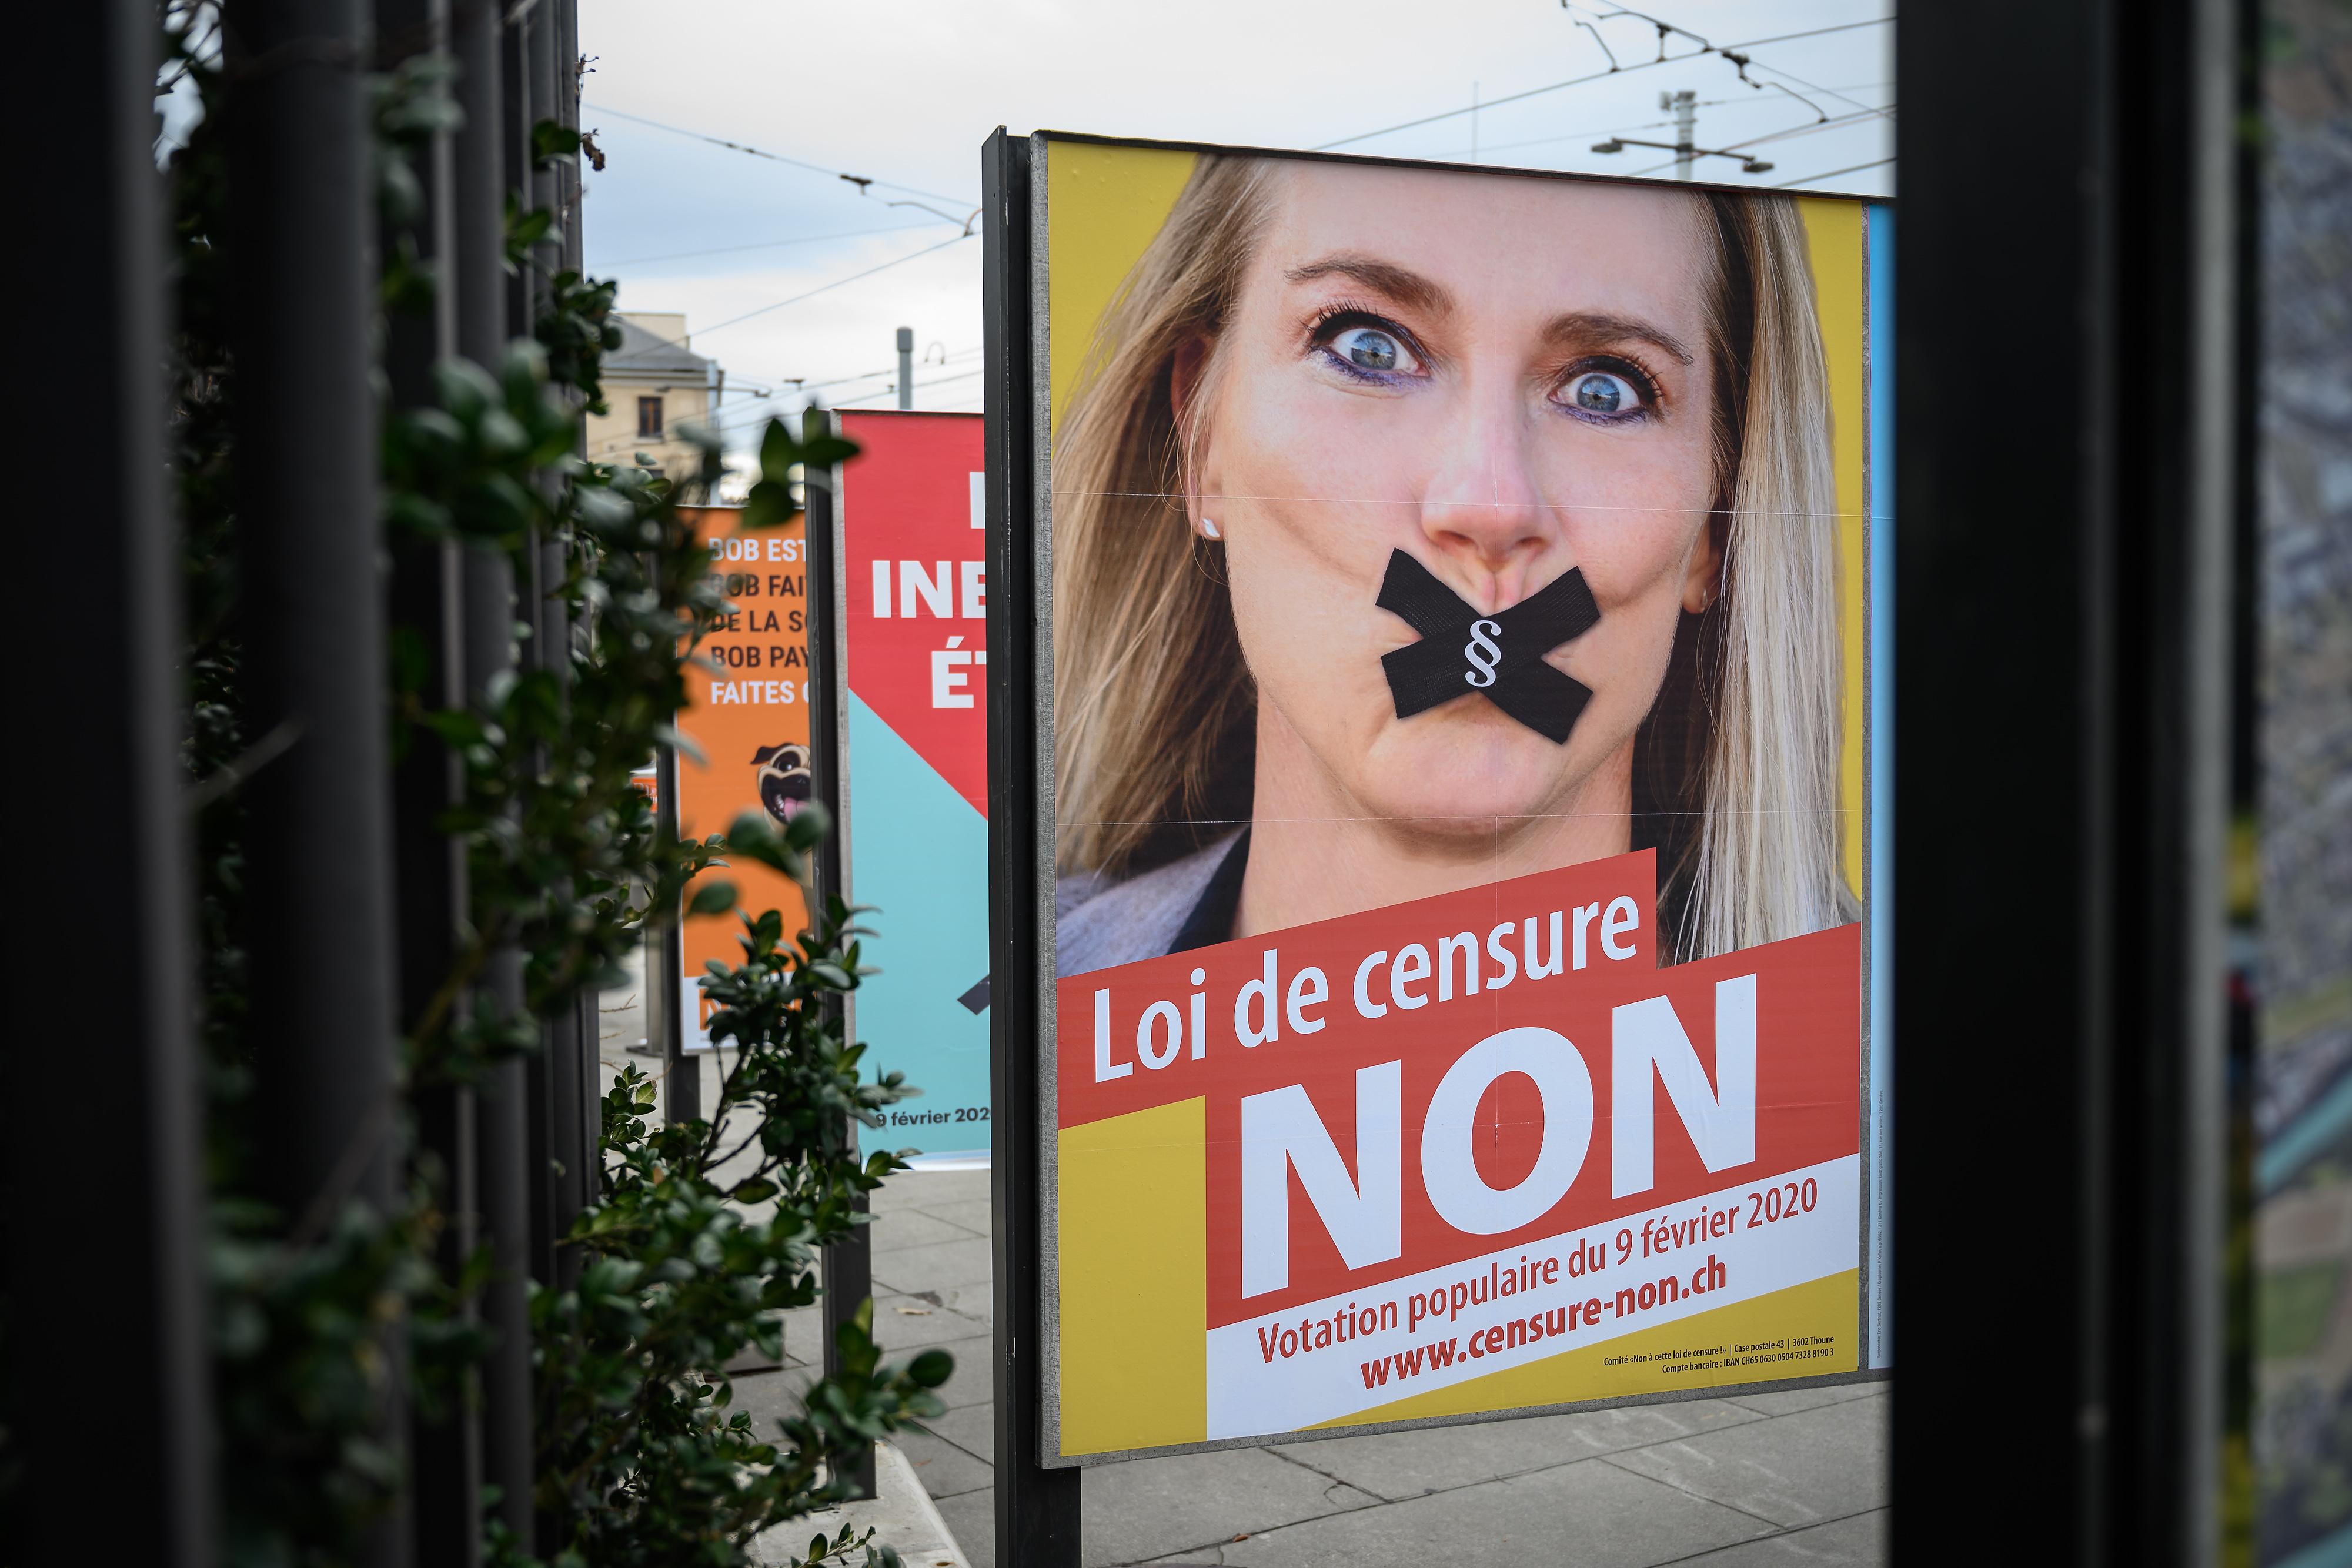 Svájc népszavazáson döntött a homofóbia elleni törvény bevezetéséről